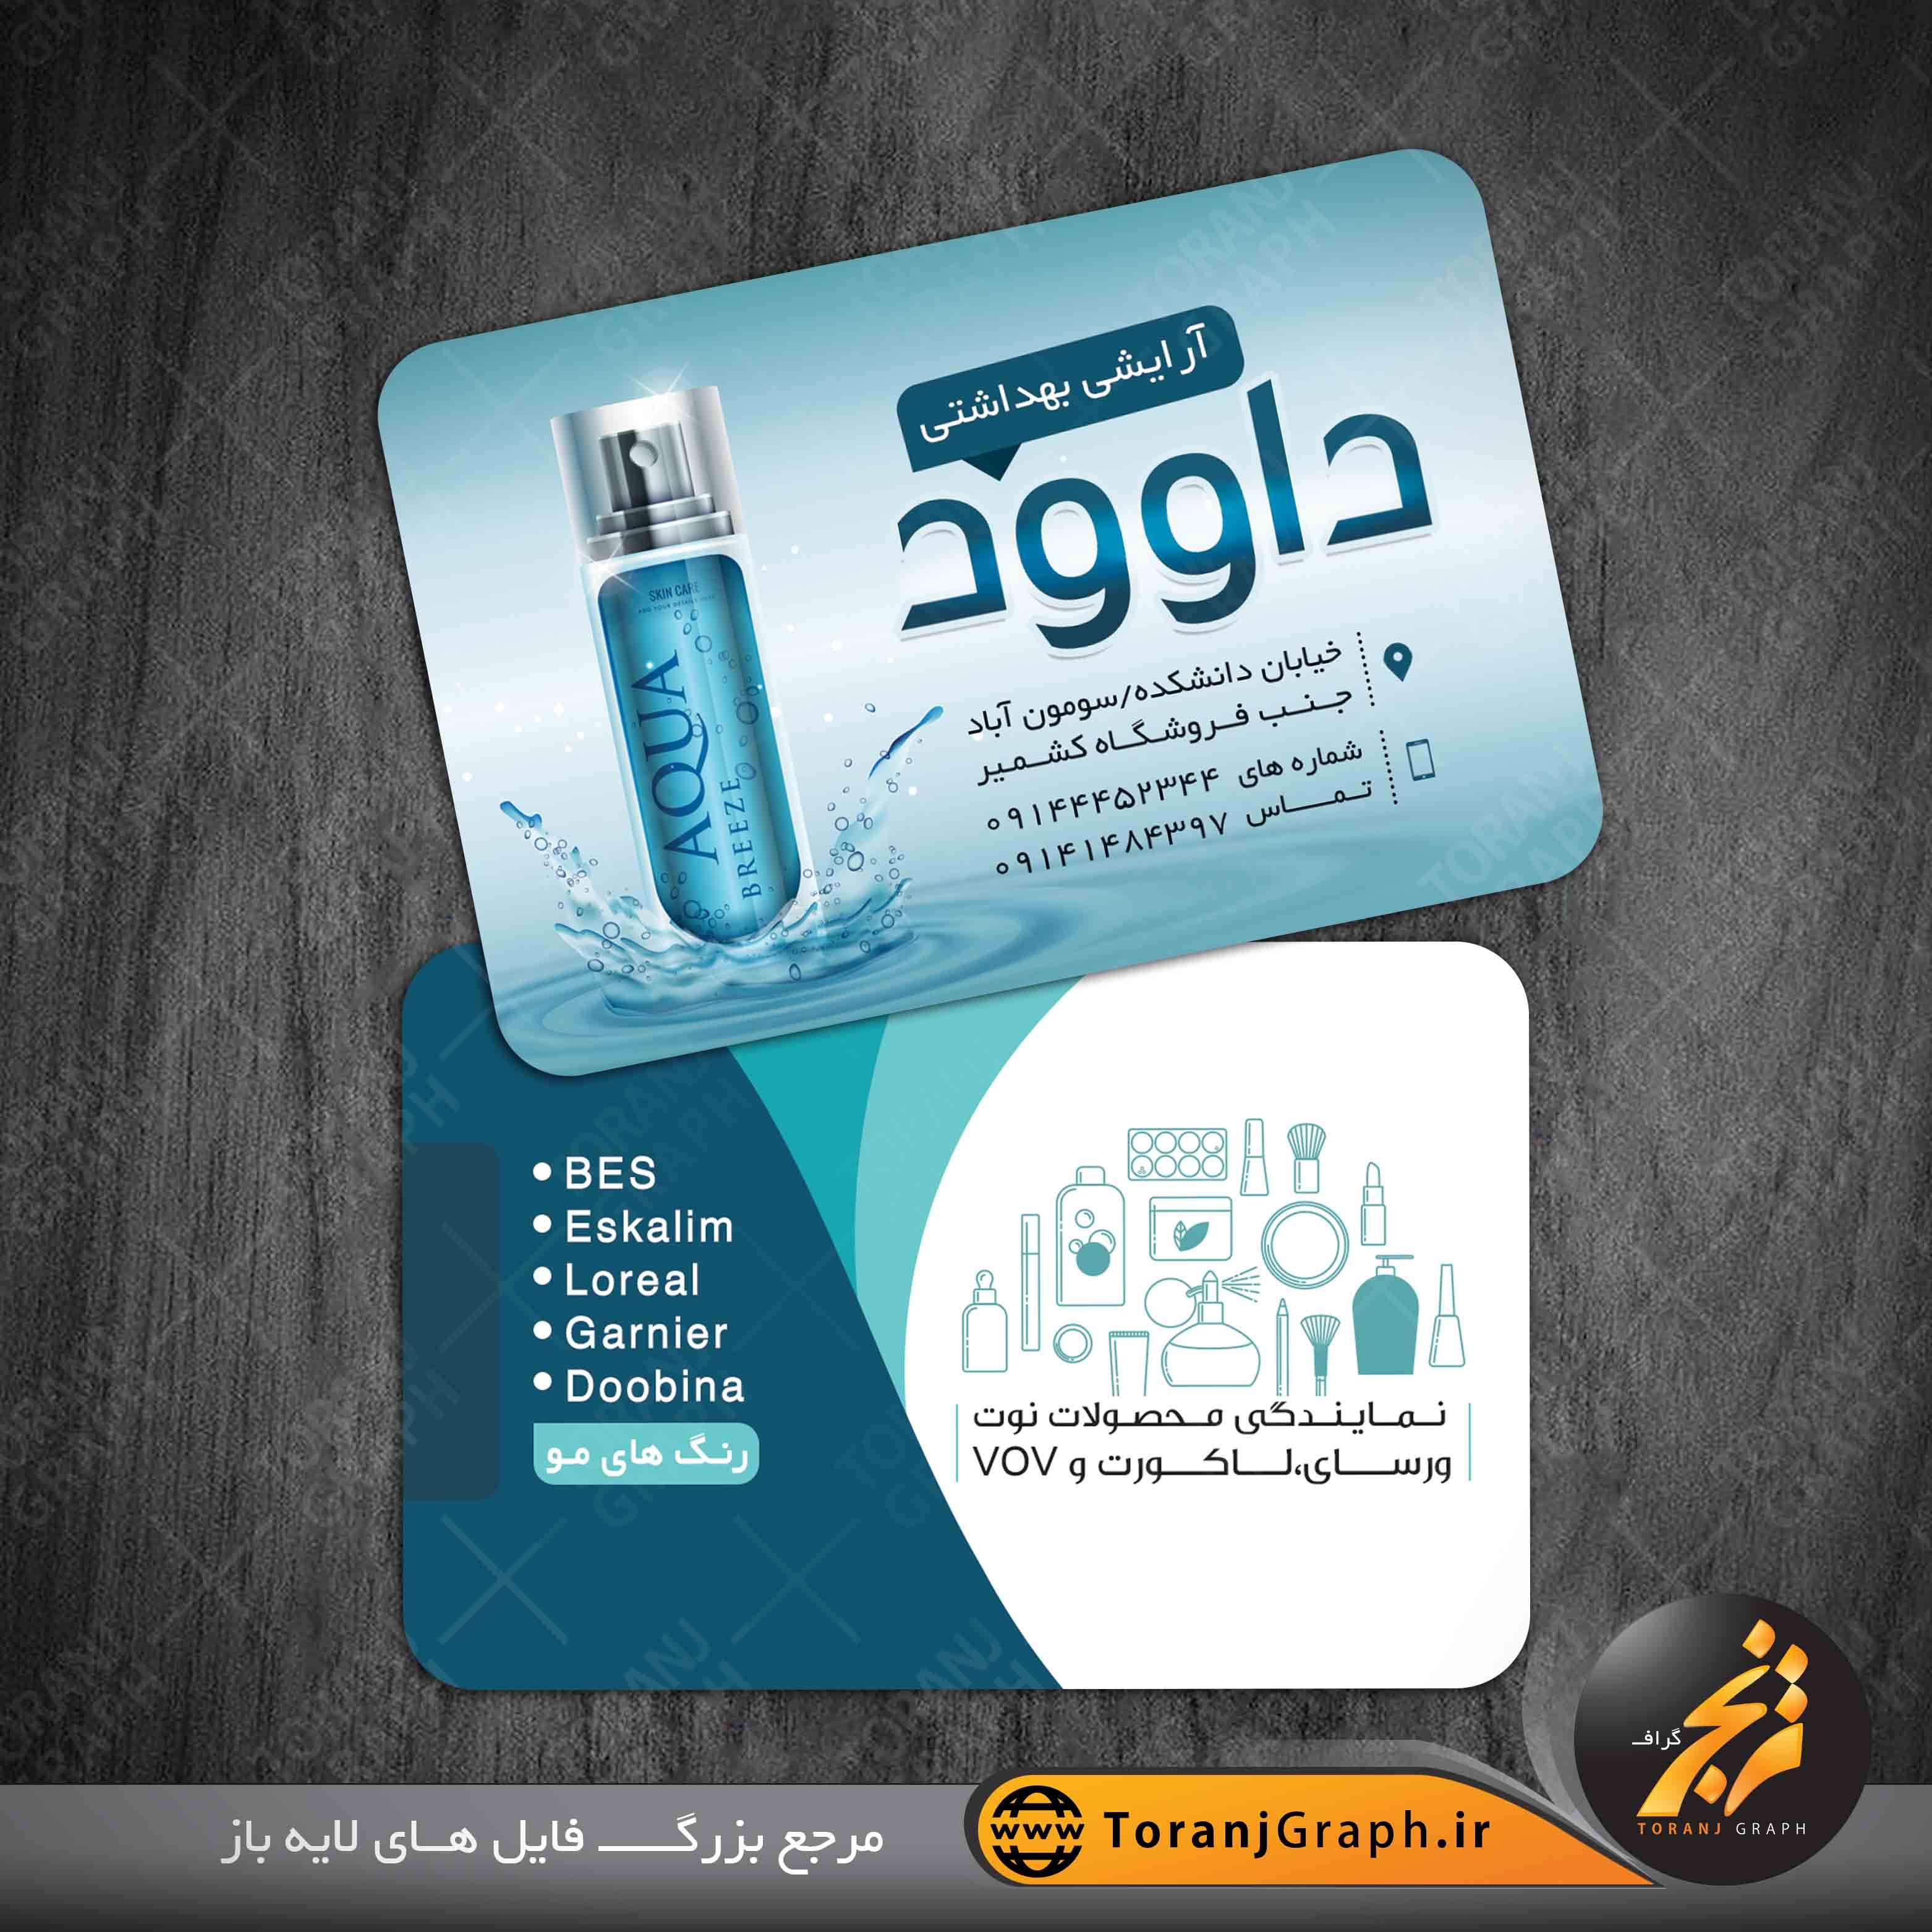 دانلود کارت ویزیت لایه باز آرایشی و بهداشتی